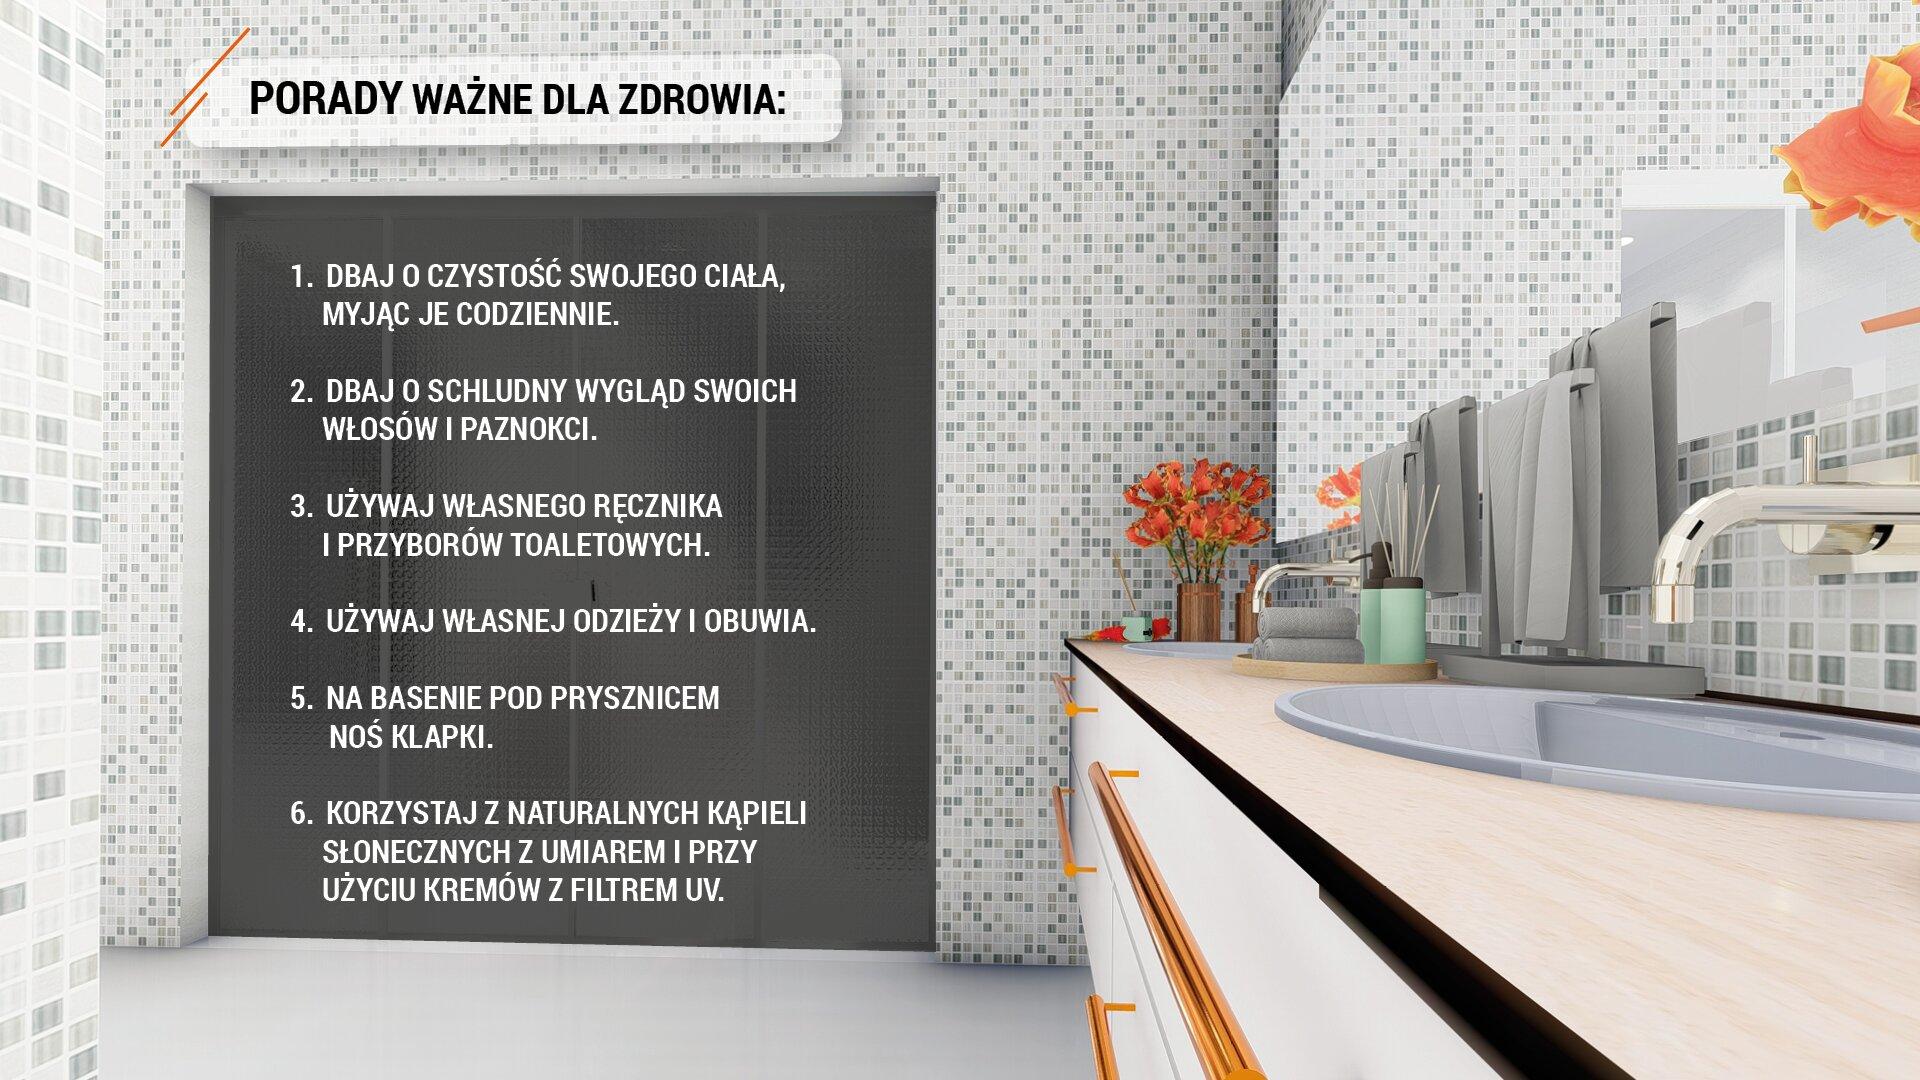 """Ilustracja przedstawia wnętrze łazienki wyłożonej biało-szarą glazurą. Po prawej stronie widoczny jest blat zzamontowanymi dwoma umywalkami ikranami nad nimi. Nad blatem wiszą cztery ręczniki wkolorze szarym. Dwa mniejsze wtym samym kolorze leżą złożone na blacie, obok stoją dwa pojemniki łazienkowe wkolorze seledynowym. Wrogu stoi nieduży wazonik zpomarańczowymi kwiatami. Poniżej blatu widoczne są szuflady. Na wprost widoczne są drzwi wejściowe do łazienki wkolorze czarnym. Nad drzwiami, na jaśniejszym tle umieszczony został napis wykonany czarną czcionką, dużymi literami: """"PORADY WAŻNE DLA ZDROWIA"""". Na tle czarnych drzwi napisano białą czcionką dużymi literami sześć porad: 1.DBAJ OCZYSTOŚĆ SWOJEGO CIAŁA, MYJĄC JE CODZIENNIE.2.DBAJ OSCHLUDNY WYGLĄD SWOICH WŁOSÓW IPAZNOKCI.3.UŻYWAJ WŁASNEGO RĘCZNIKA IPRZYBORÓW TOALETOWYCH. 4.UŻYWAJ WŁASNEJ ODZIEŻY IOBUWIA5.NA BASENIE POD PRYSZNICEM NOŚ KLAPKI. 6.KORZYSTAJ ZNATURALNYCH KĄPIELI SŁONECZNYCH ZUMIAREM PRZY UŻYCIU KREMÓW ZFILTREM UV."""